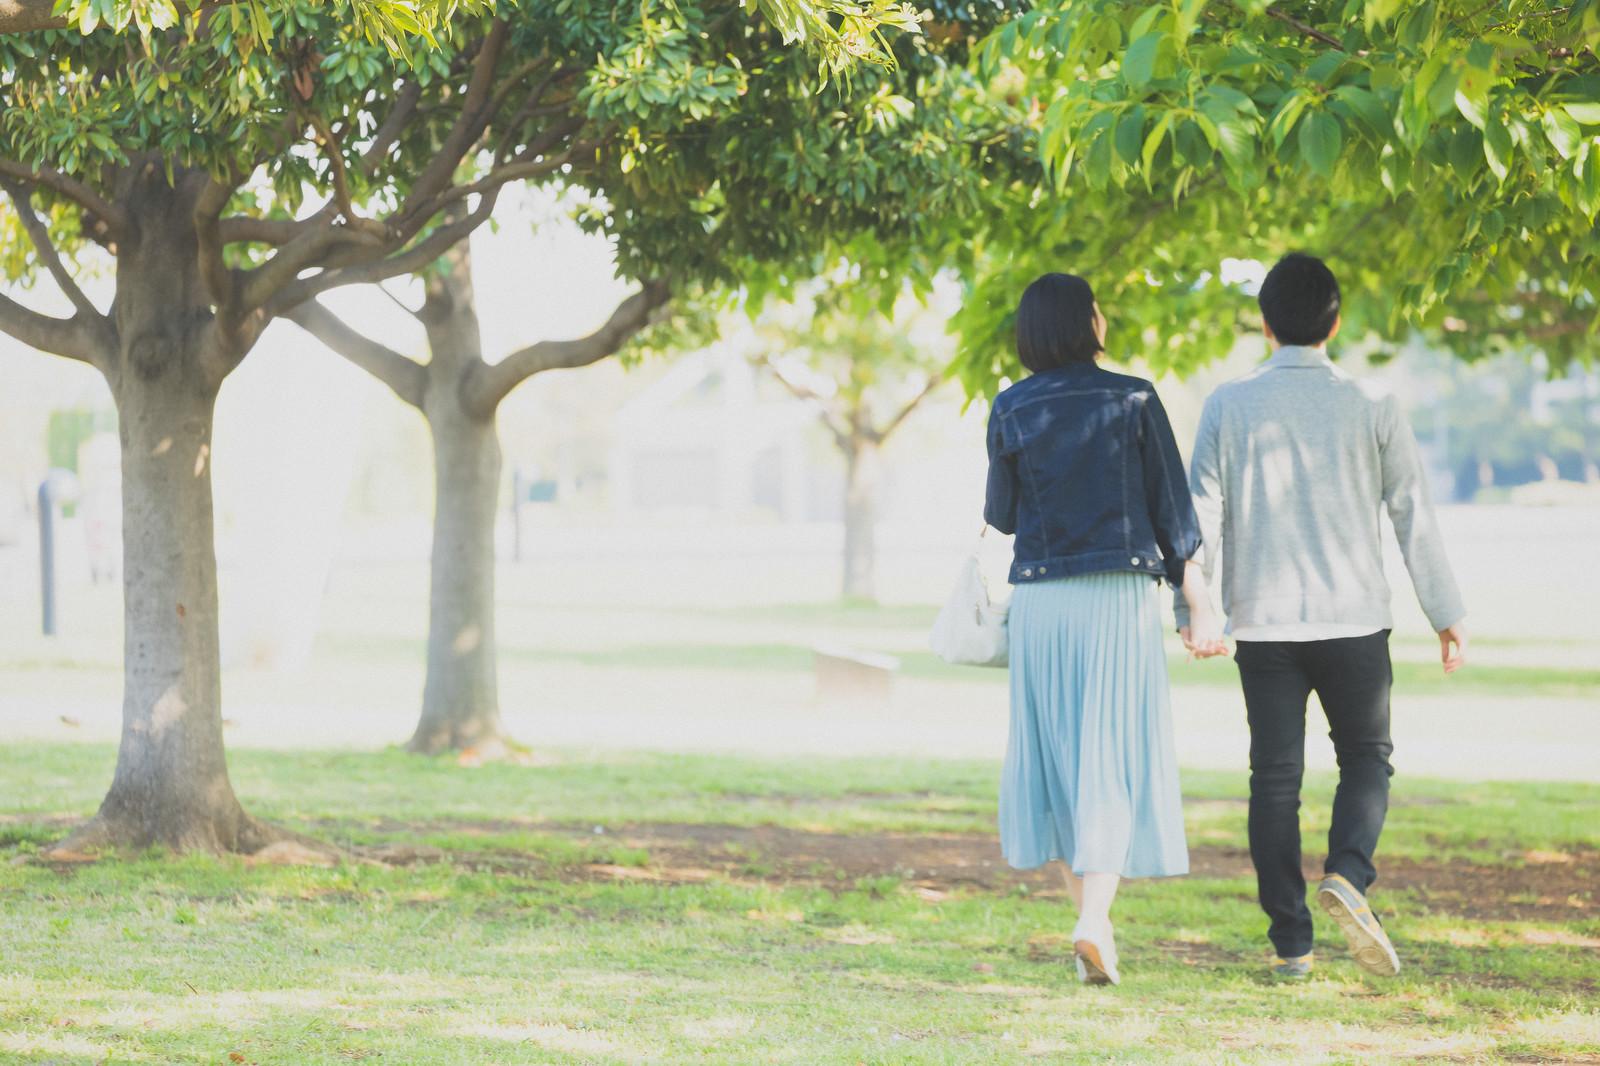 結婚相談所の交際とは?普通のお付き合いとの違いは?